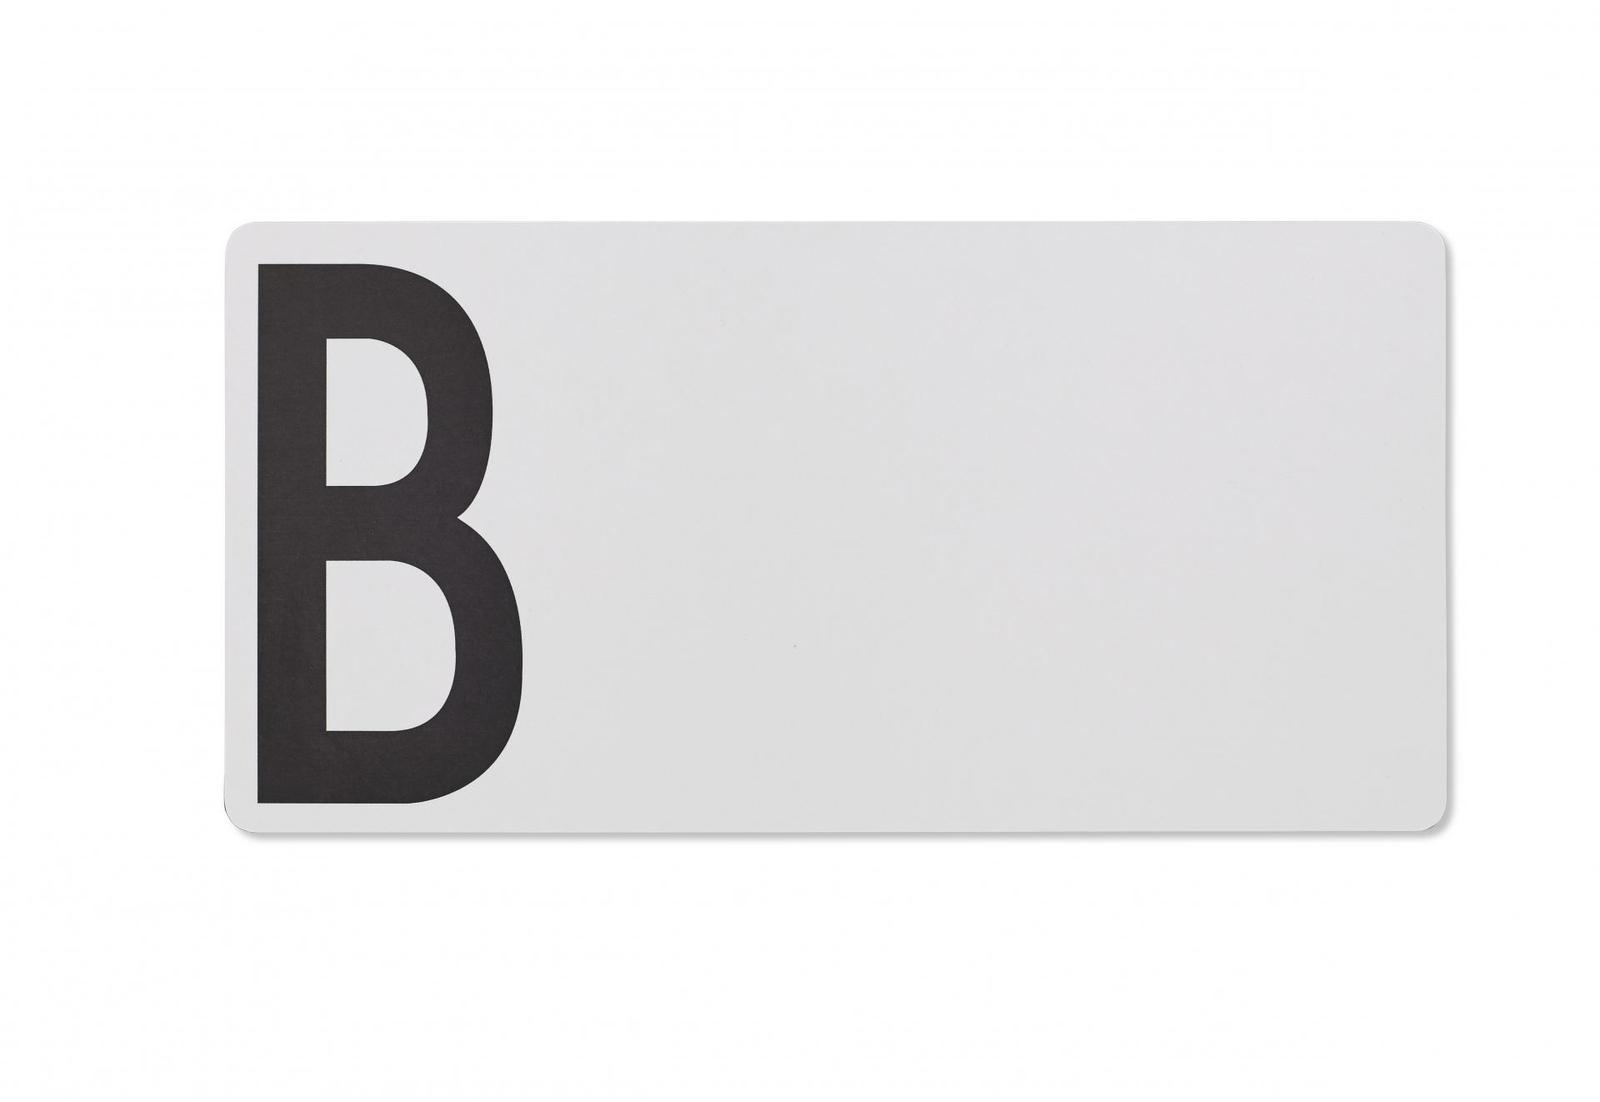 Dřevěné šedé prkénko B (Design Letters) - Obrázek č. 4